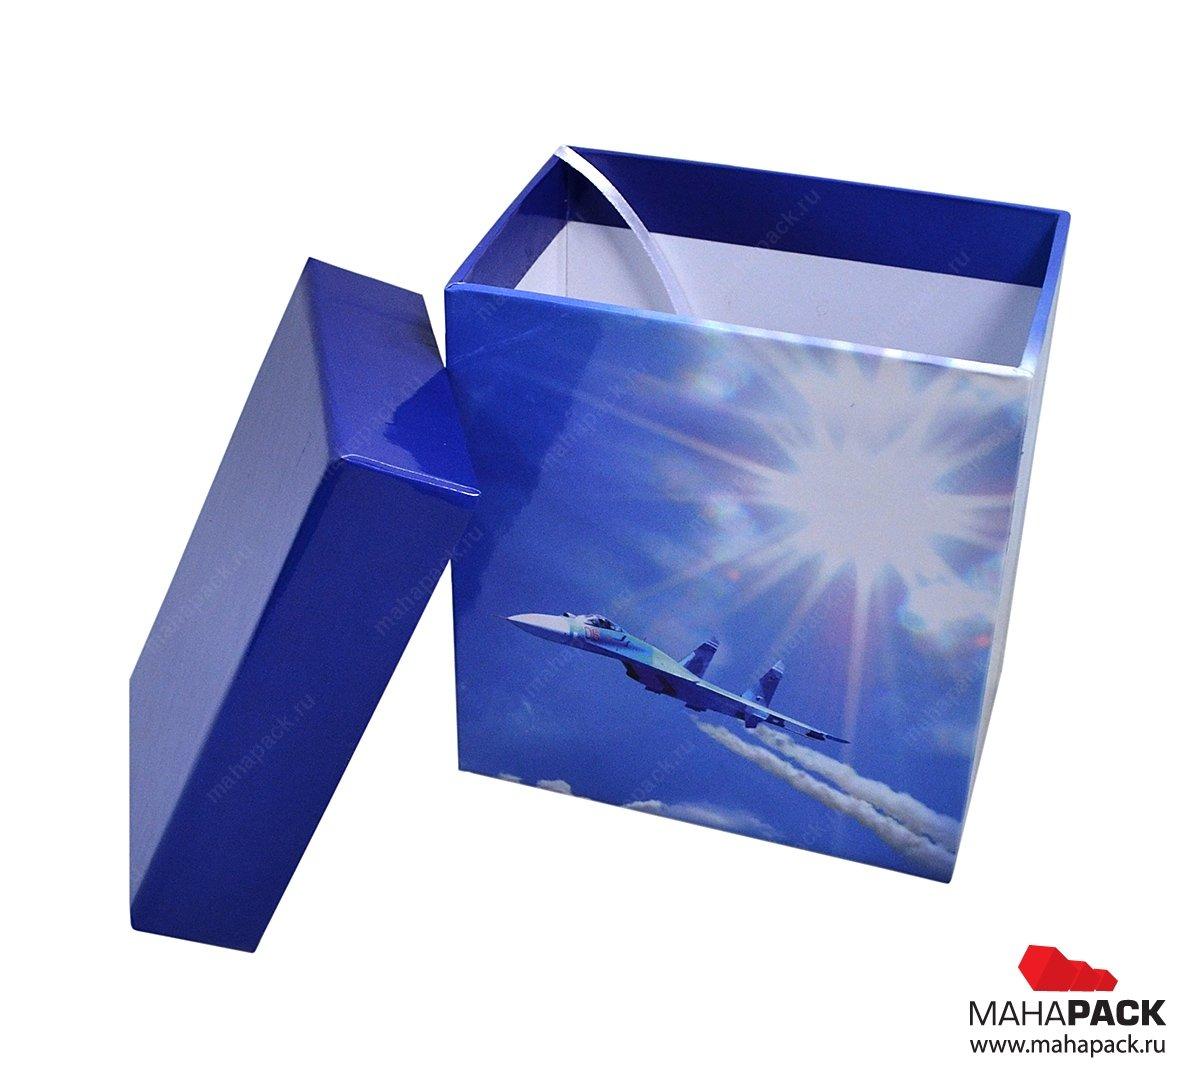 Изготовление подарочных коробок под заказ